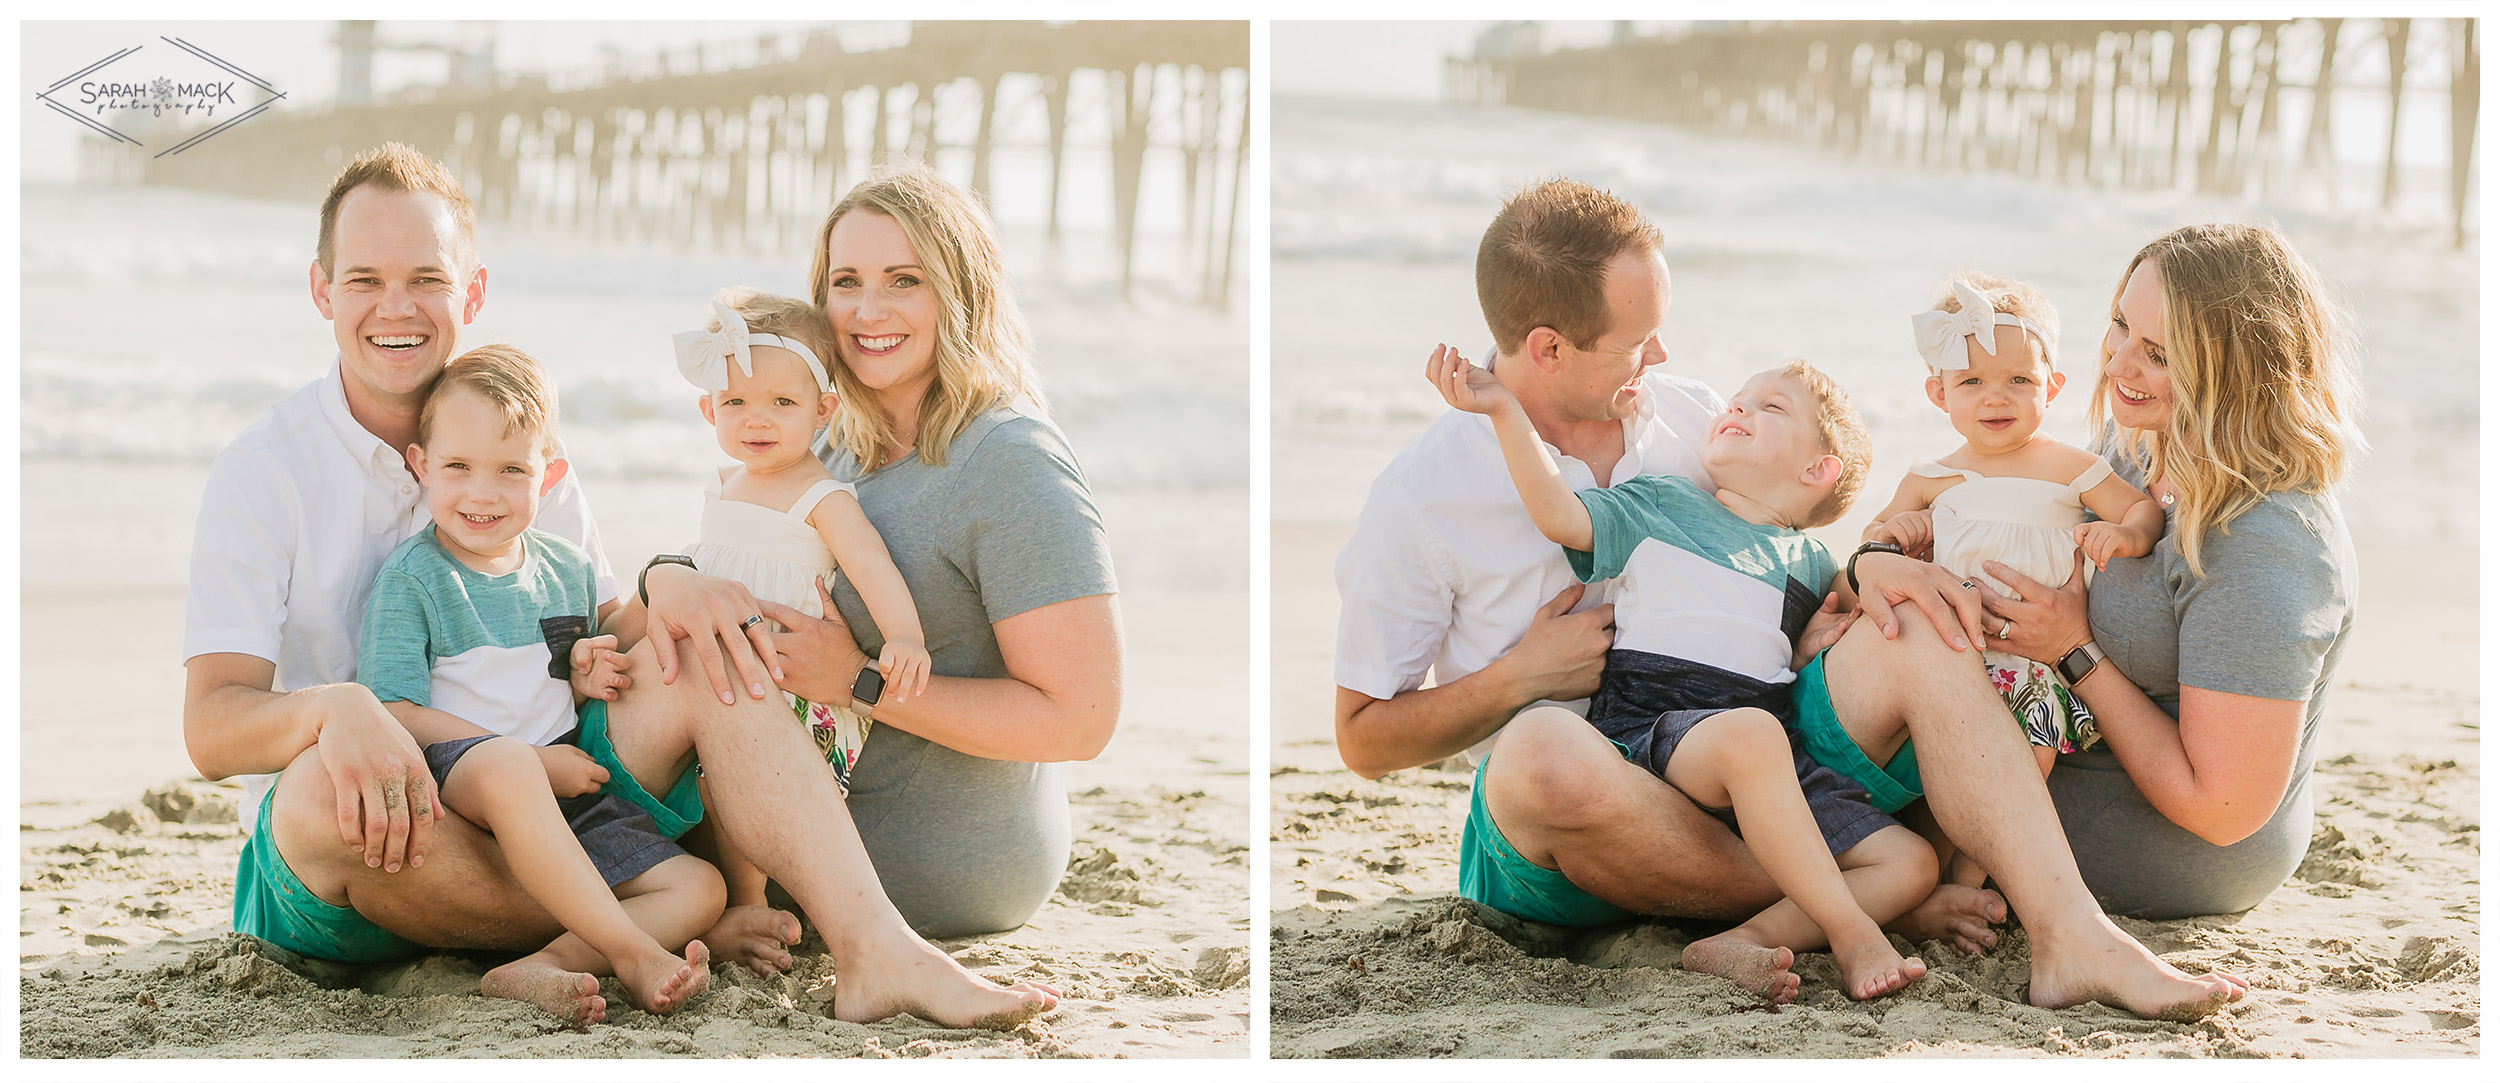 BP-Orange-County-Family-Photography-Oceanside-Pier-2.jpg